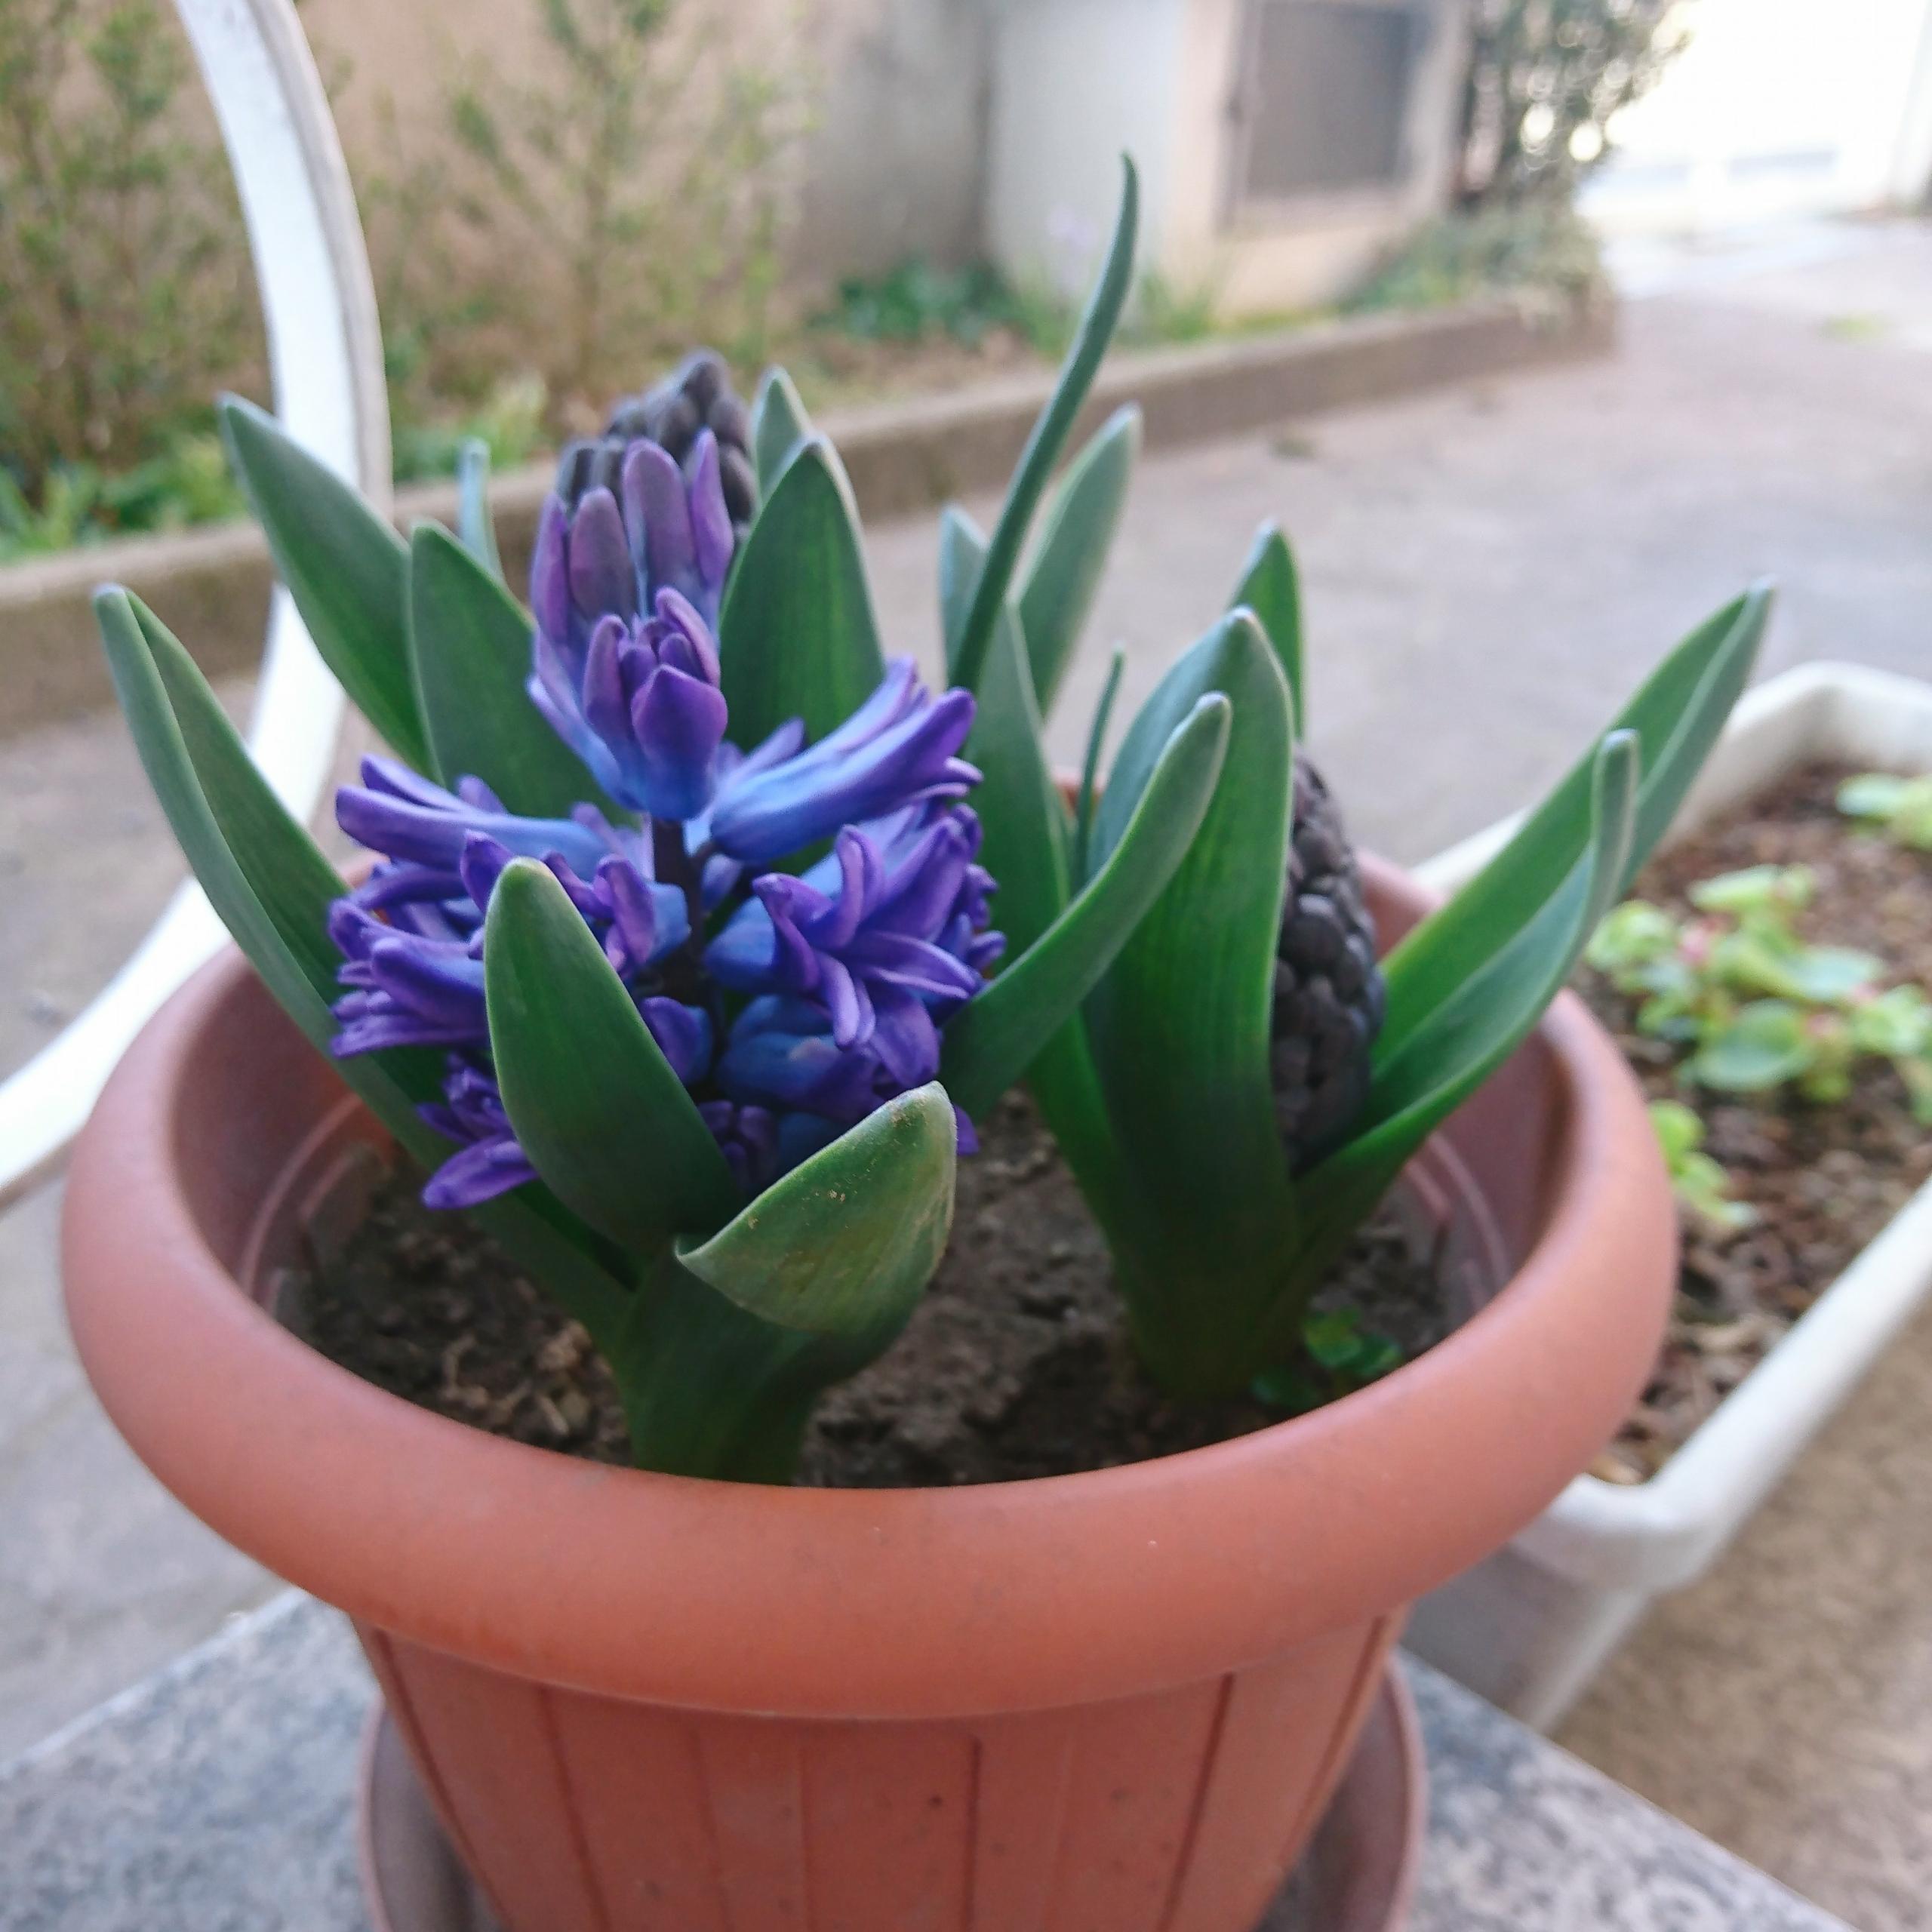 È tornata la Primavera - 1